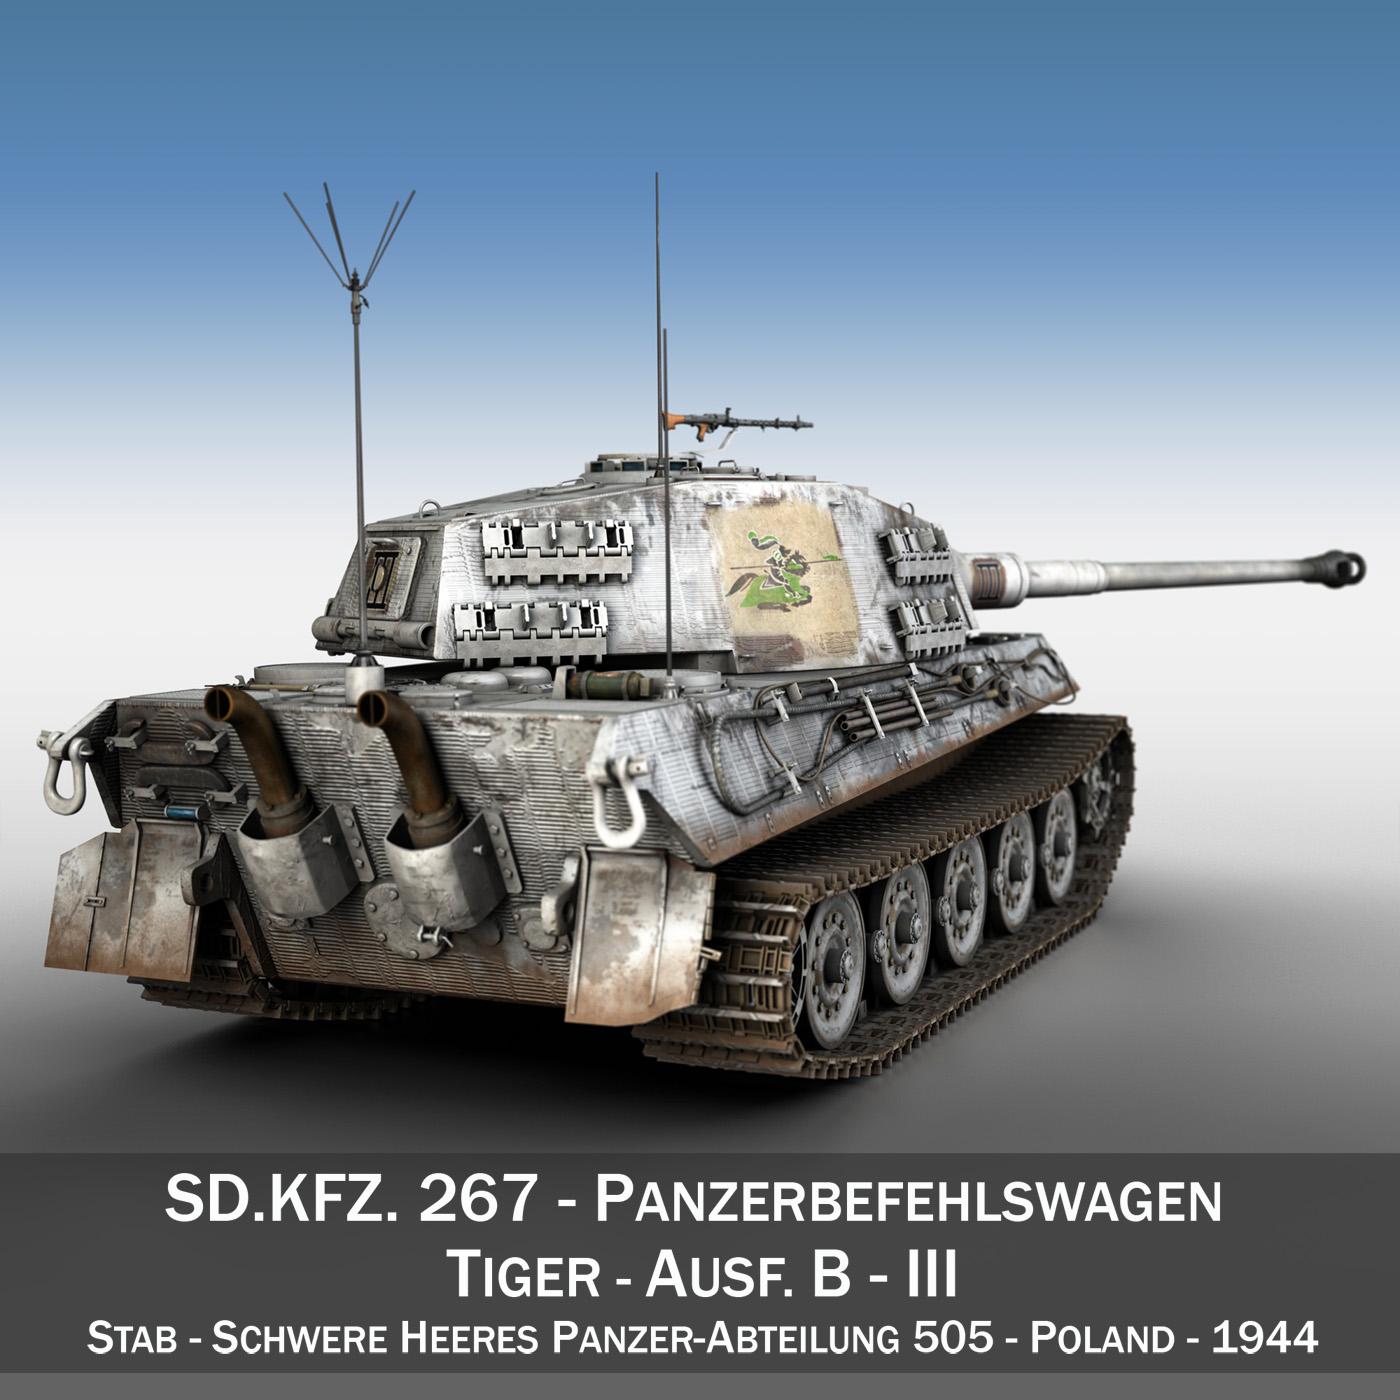 panzerbefehlswagen tiger – ausf b – iii 3d model 3ds c4d lwo lw lws obj 293320